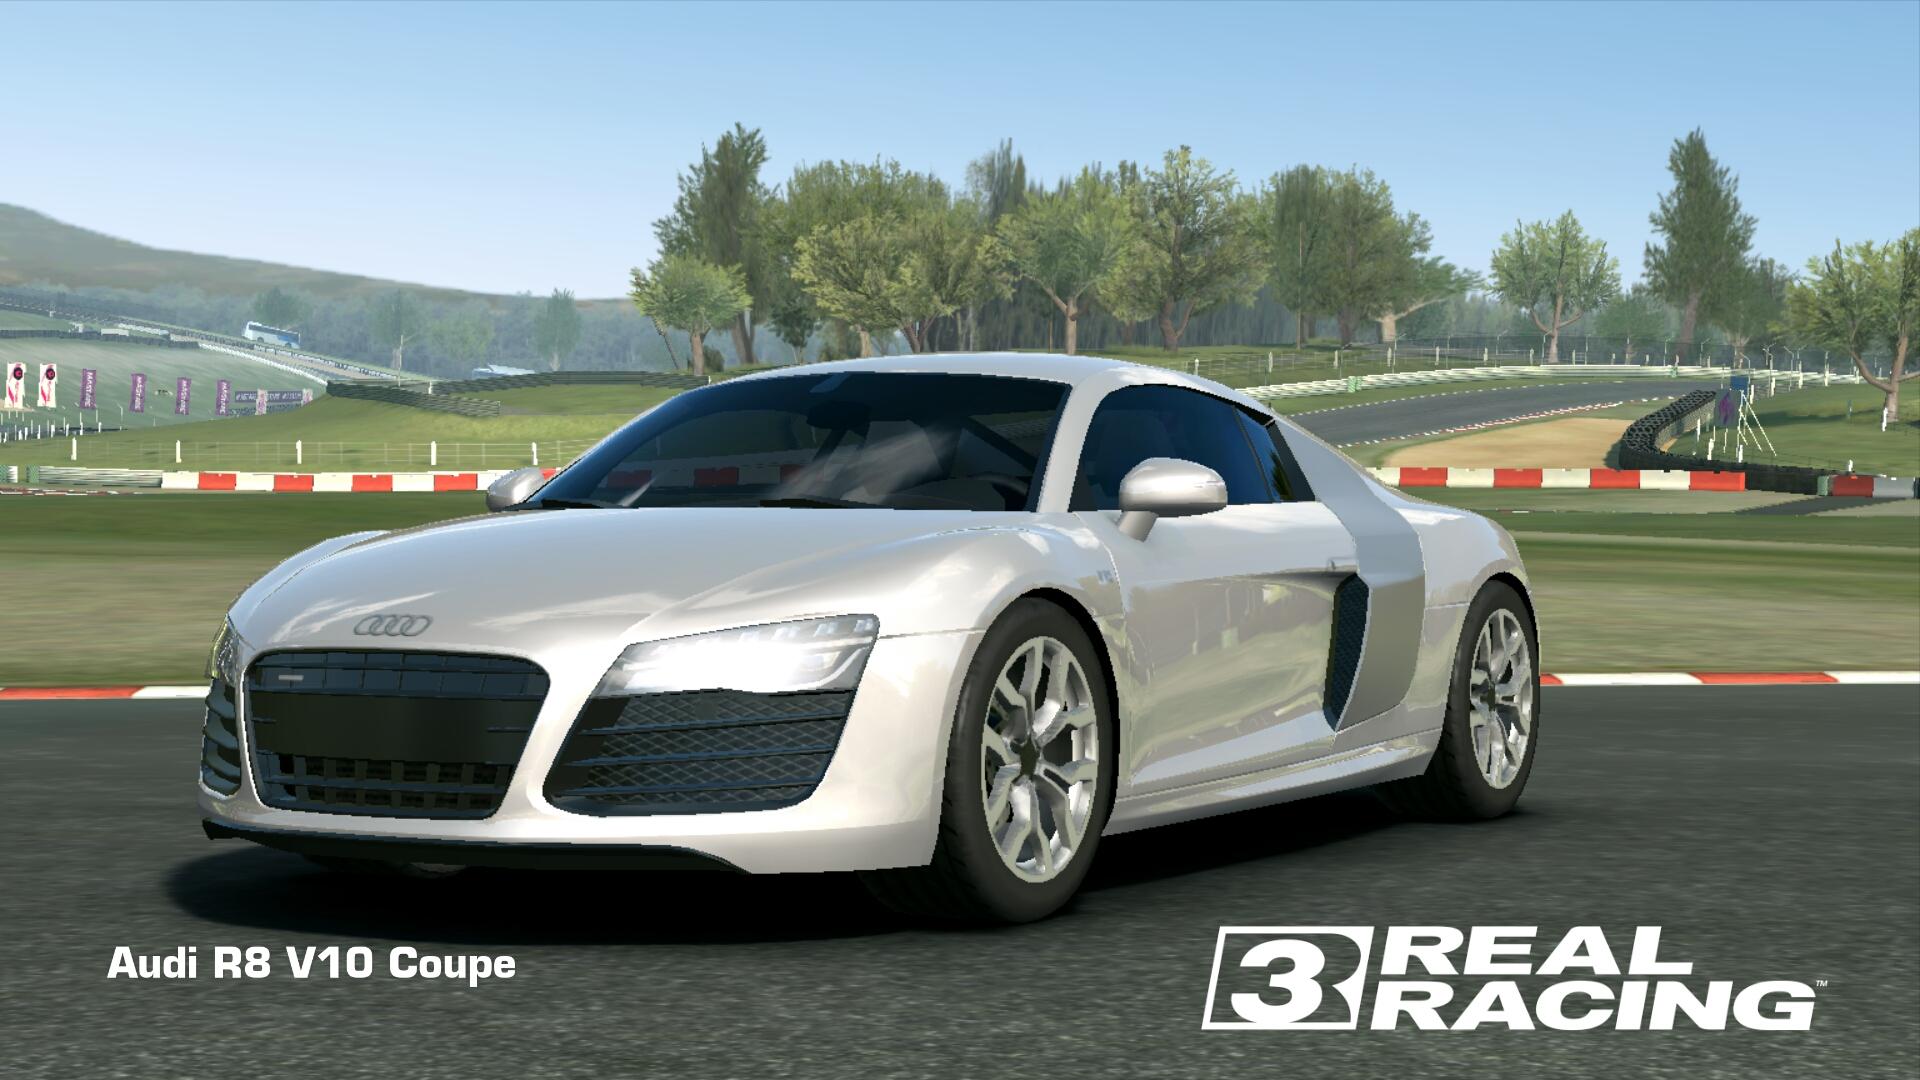 Audi R8 V10 Coupe Real Racing 3 Wiki Wikia